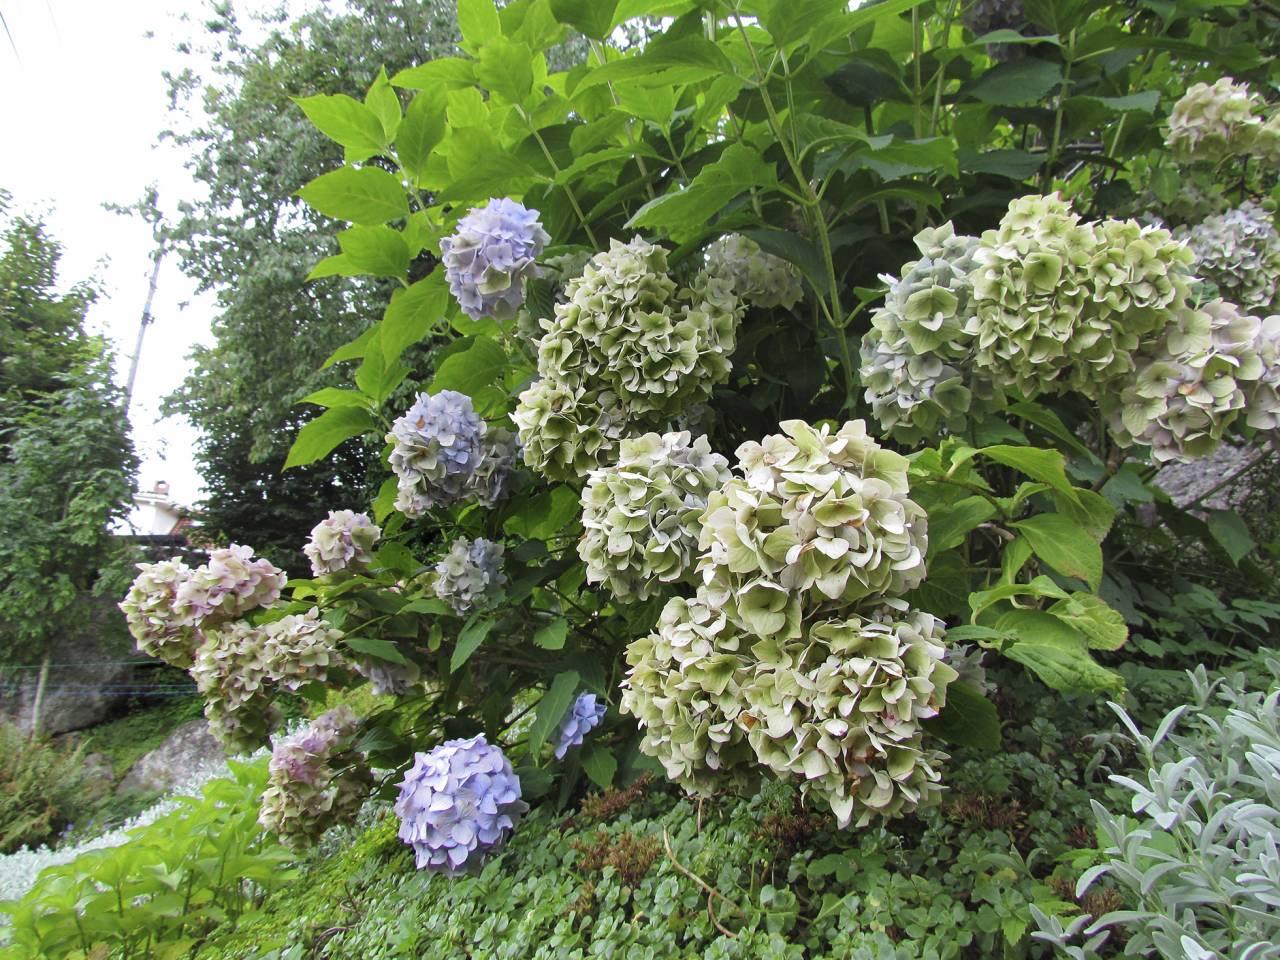 Hortensiabuske i blåa toner